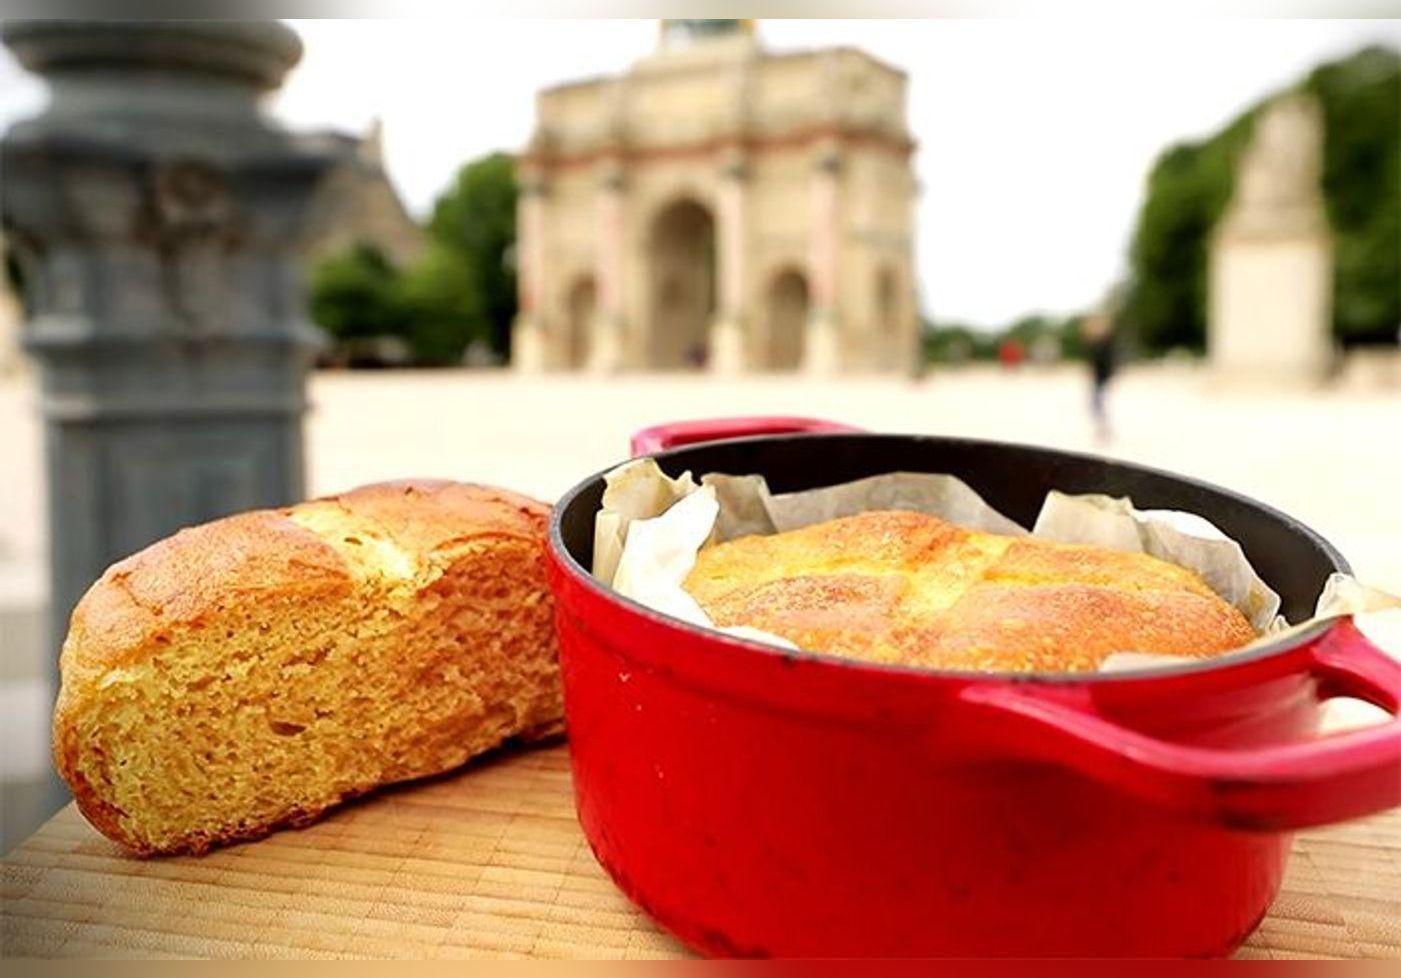 Eric Kayser réalise un pain ultra moelleux dans une cocotte, une recette facile et accessible à tous